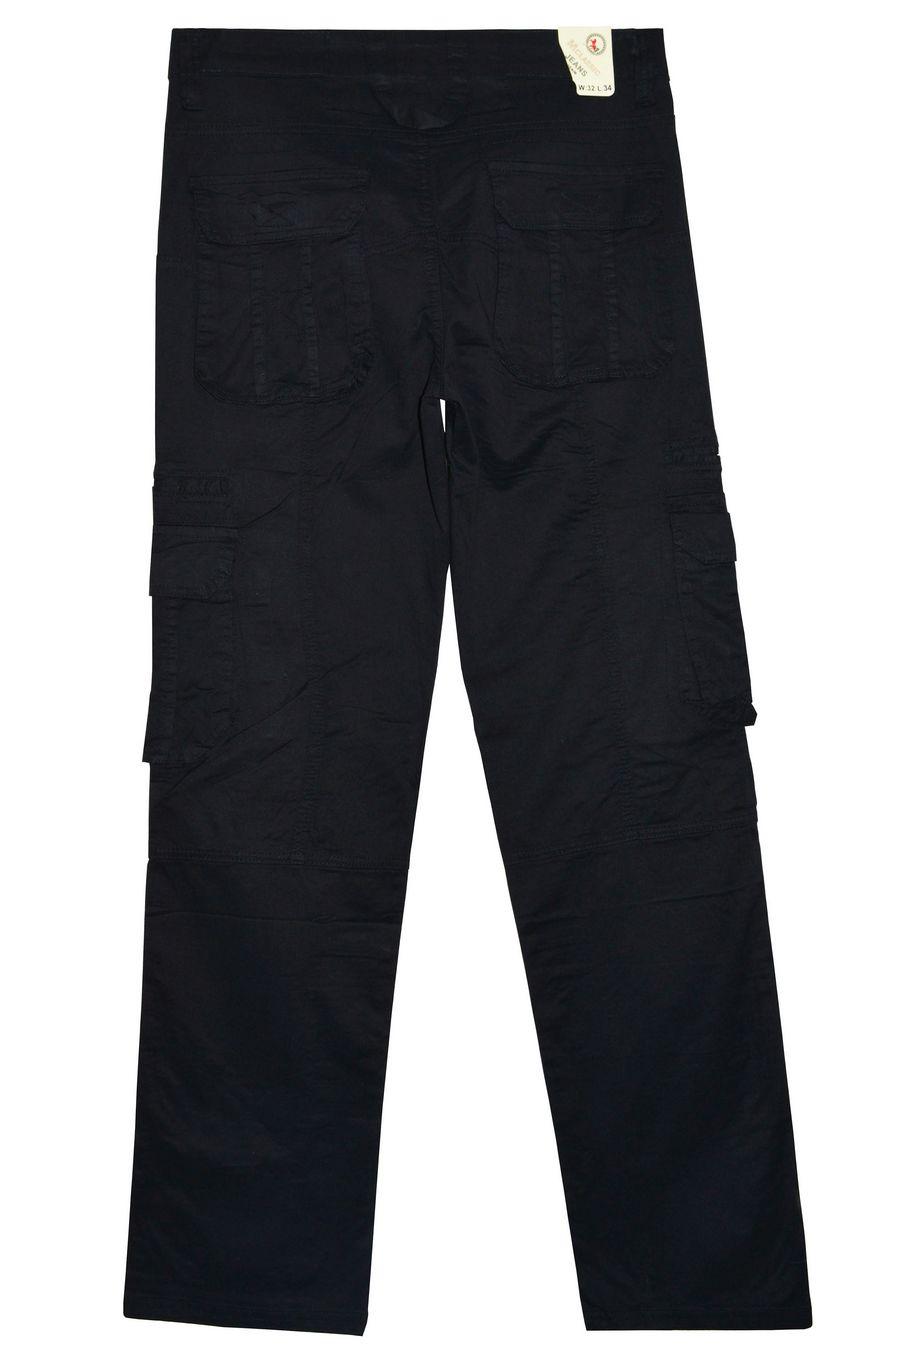 Брюки мужские Machigan M1285 чёрные - фото 2